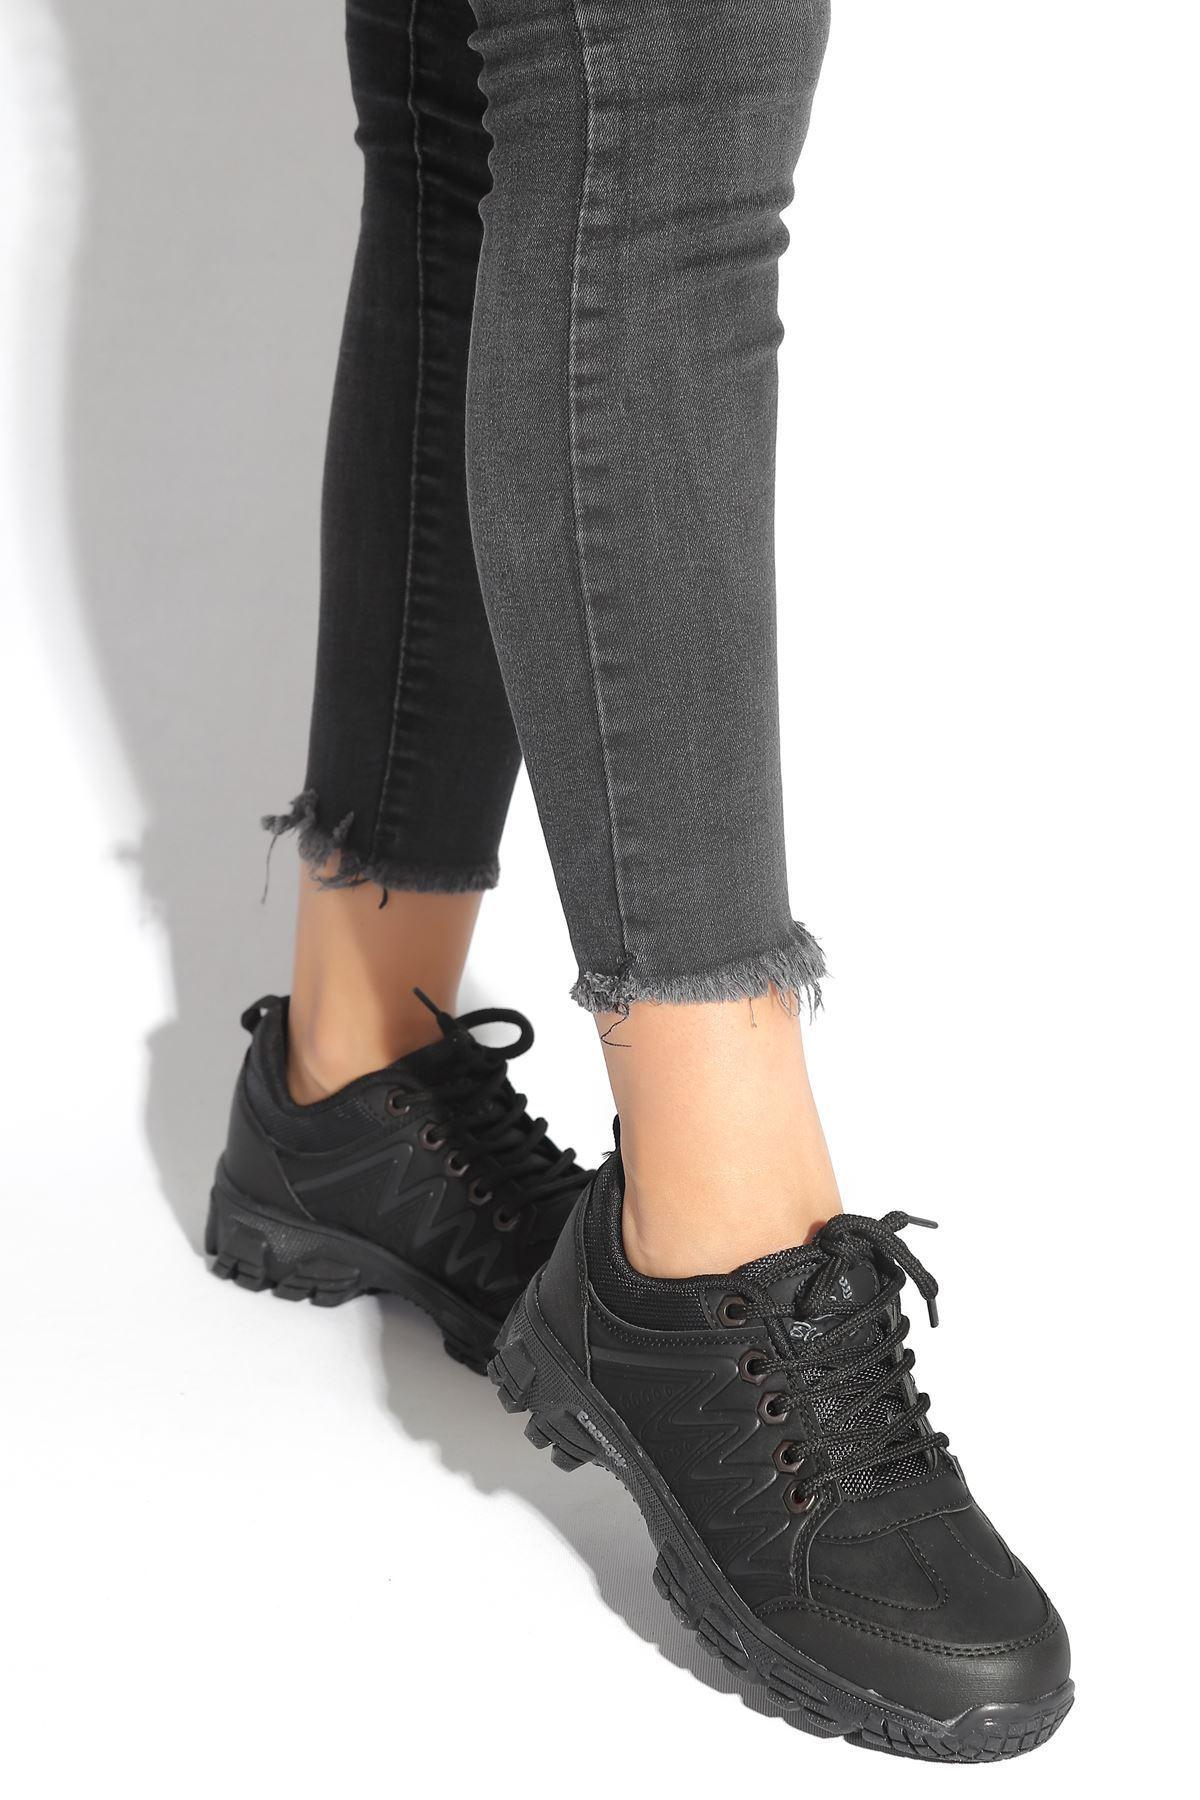 Jaden Siyah Kadın Spor Ayakkabı